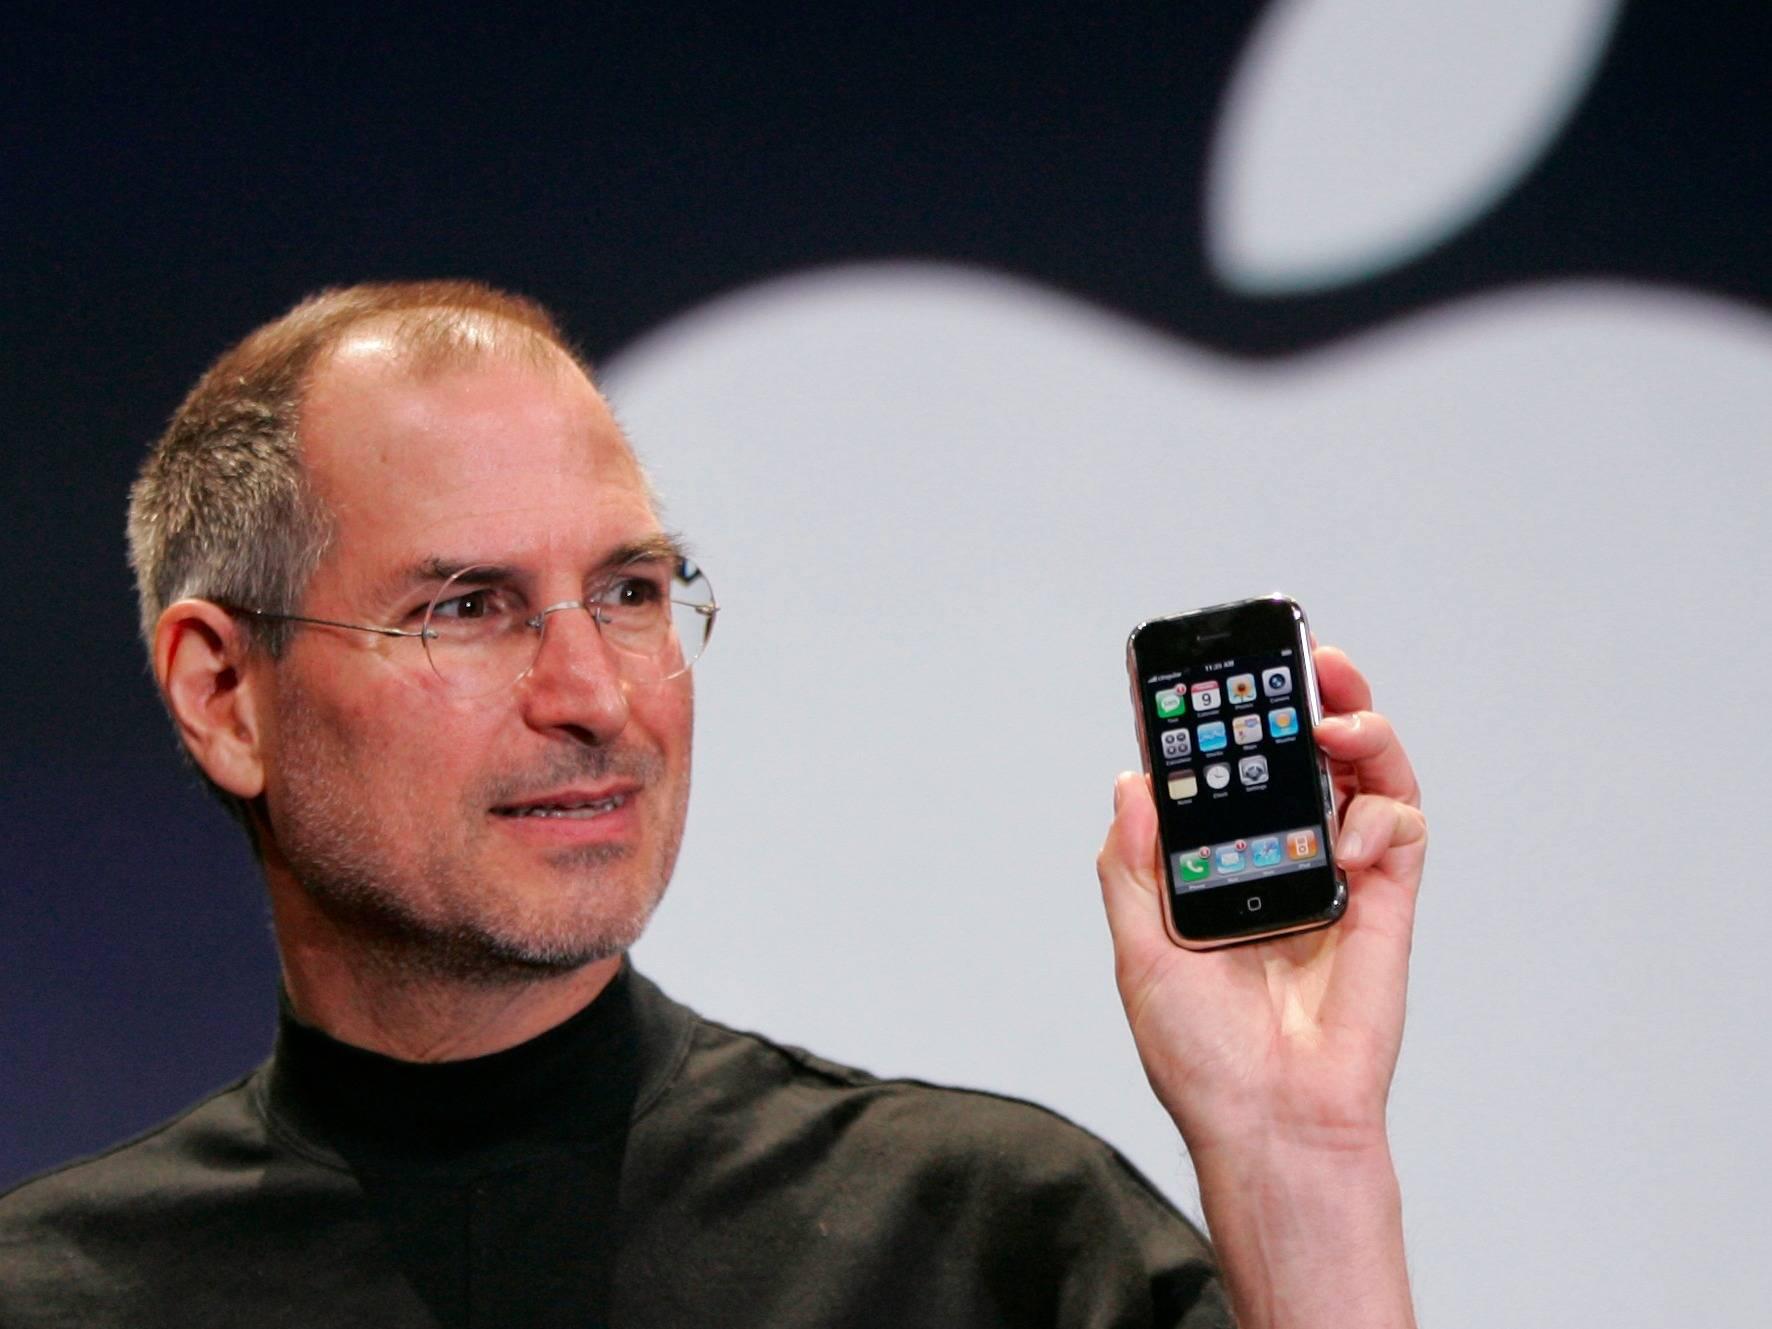 2007 年 1 月 9 日,史蒂夫·乔布斯发布第一代 iPhone。